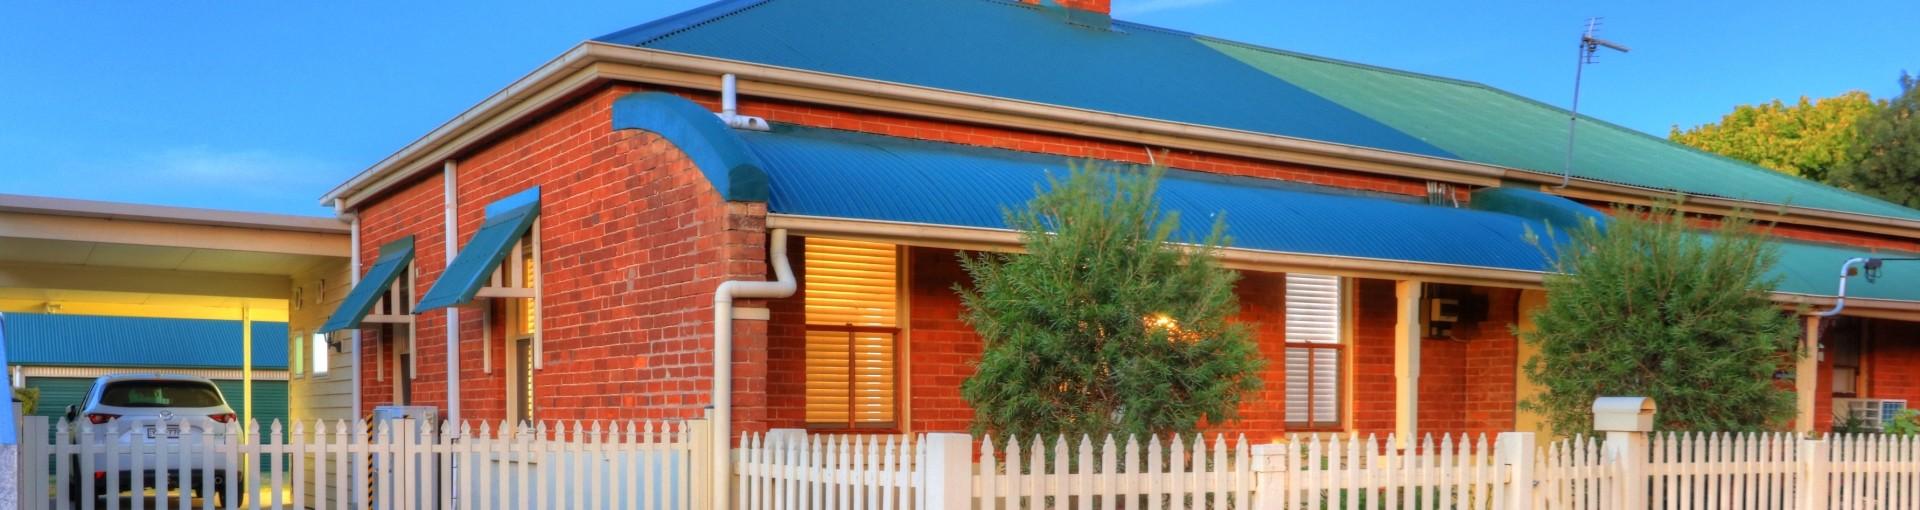 Cottage - Endeavour Court Motor Inn Dubbo NSW